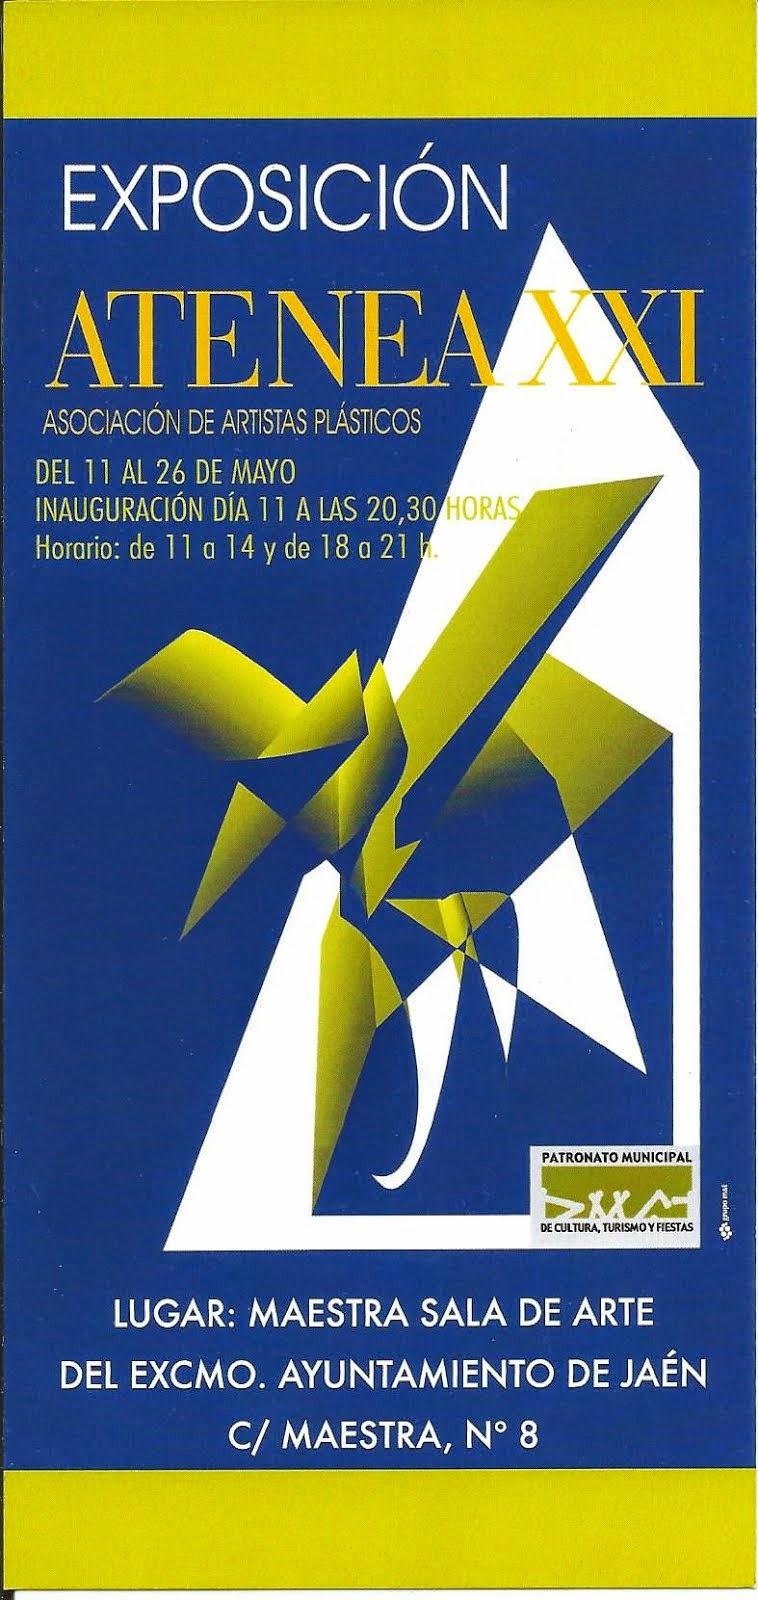 Jaén- Sala de Arte Maestra